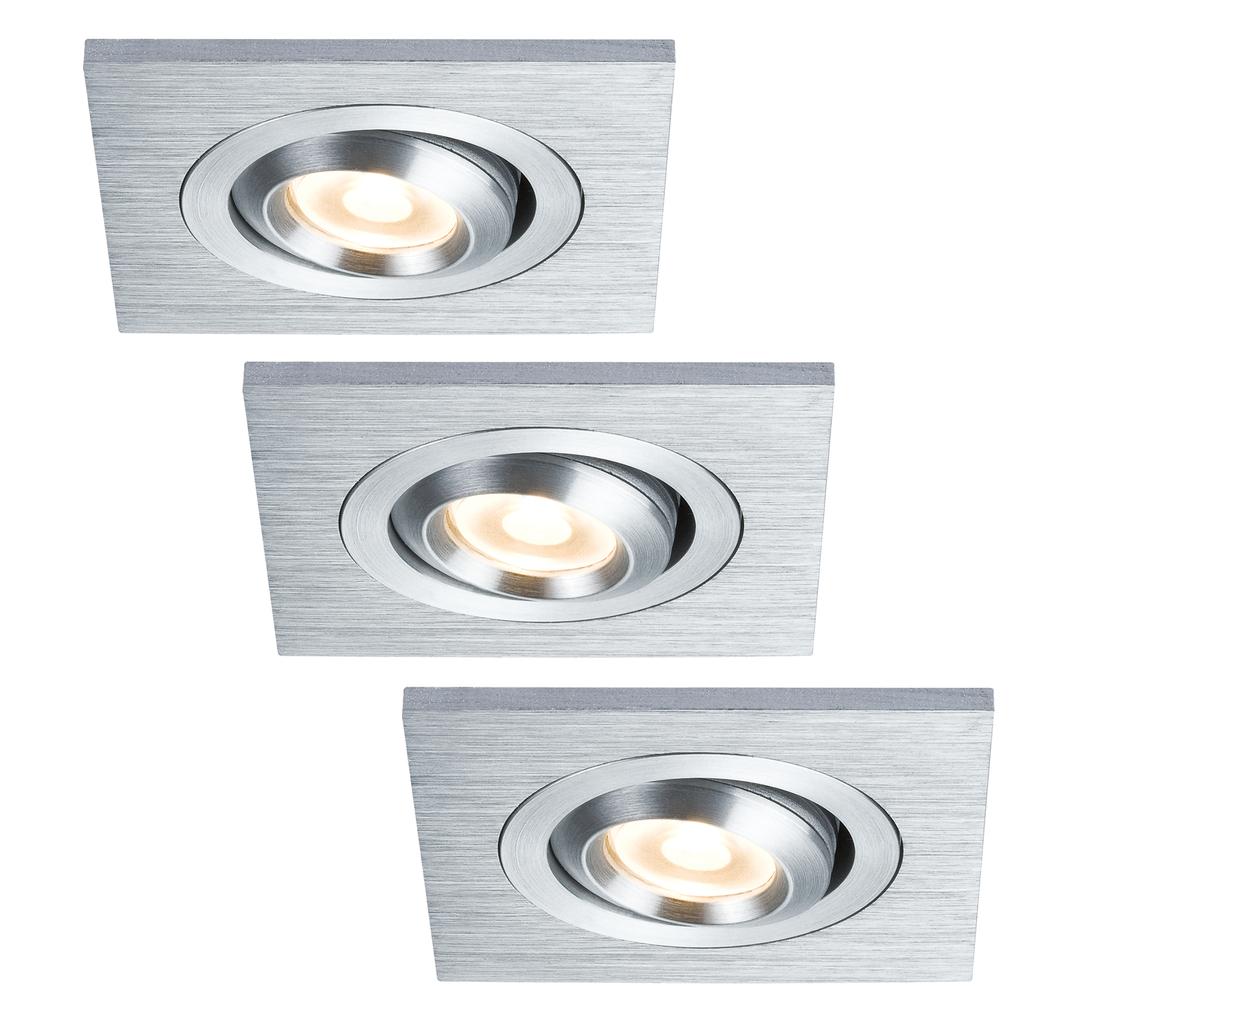 Paulmann LED Einbauleuchte Premium Line Drilled...